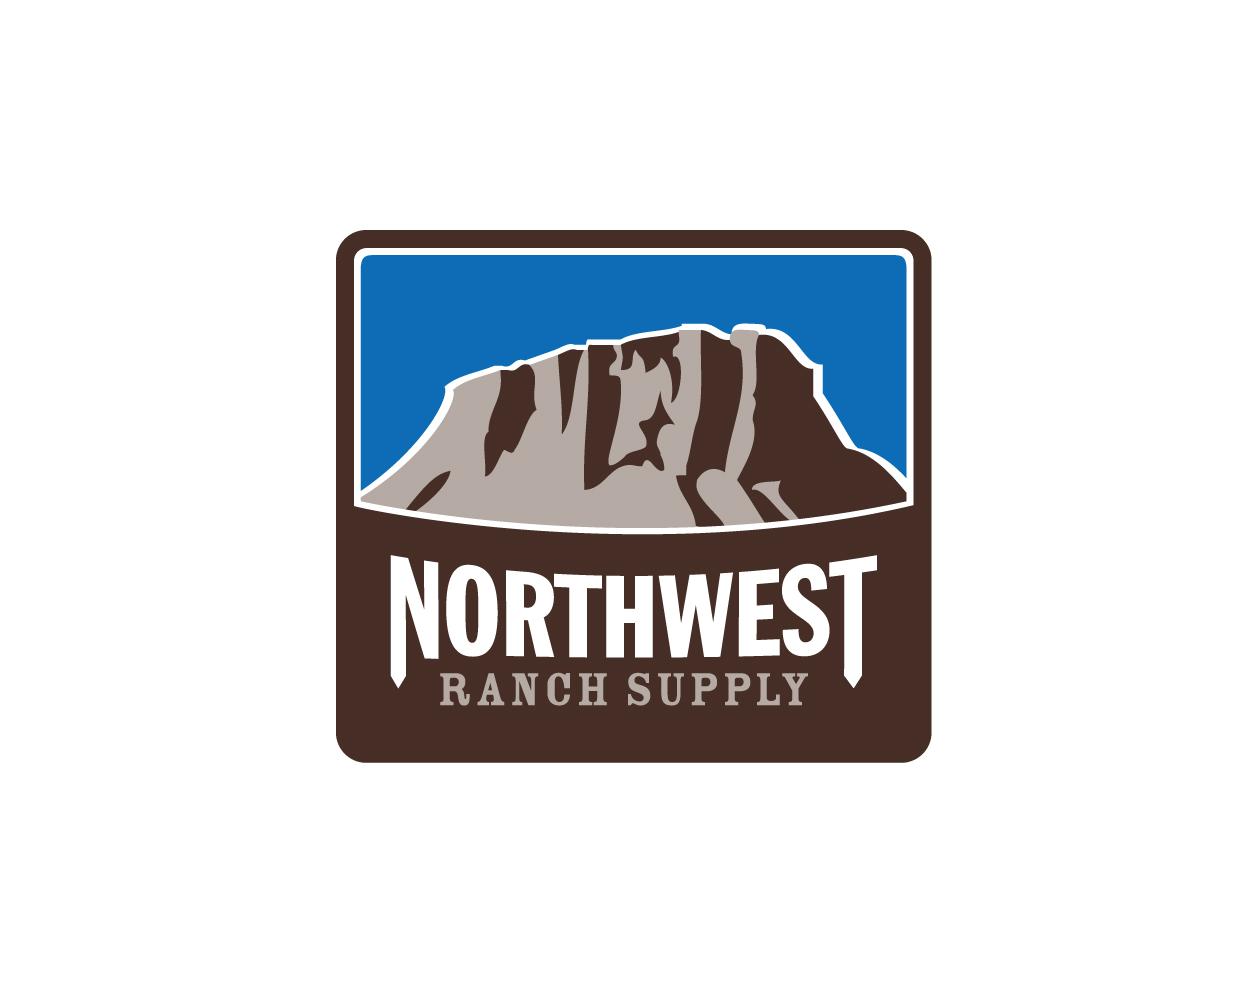 Northwest Ranch Supply | Identity